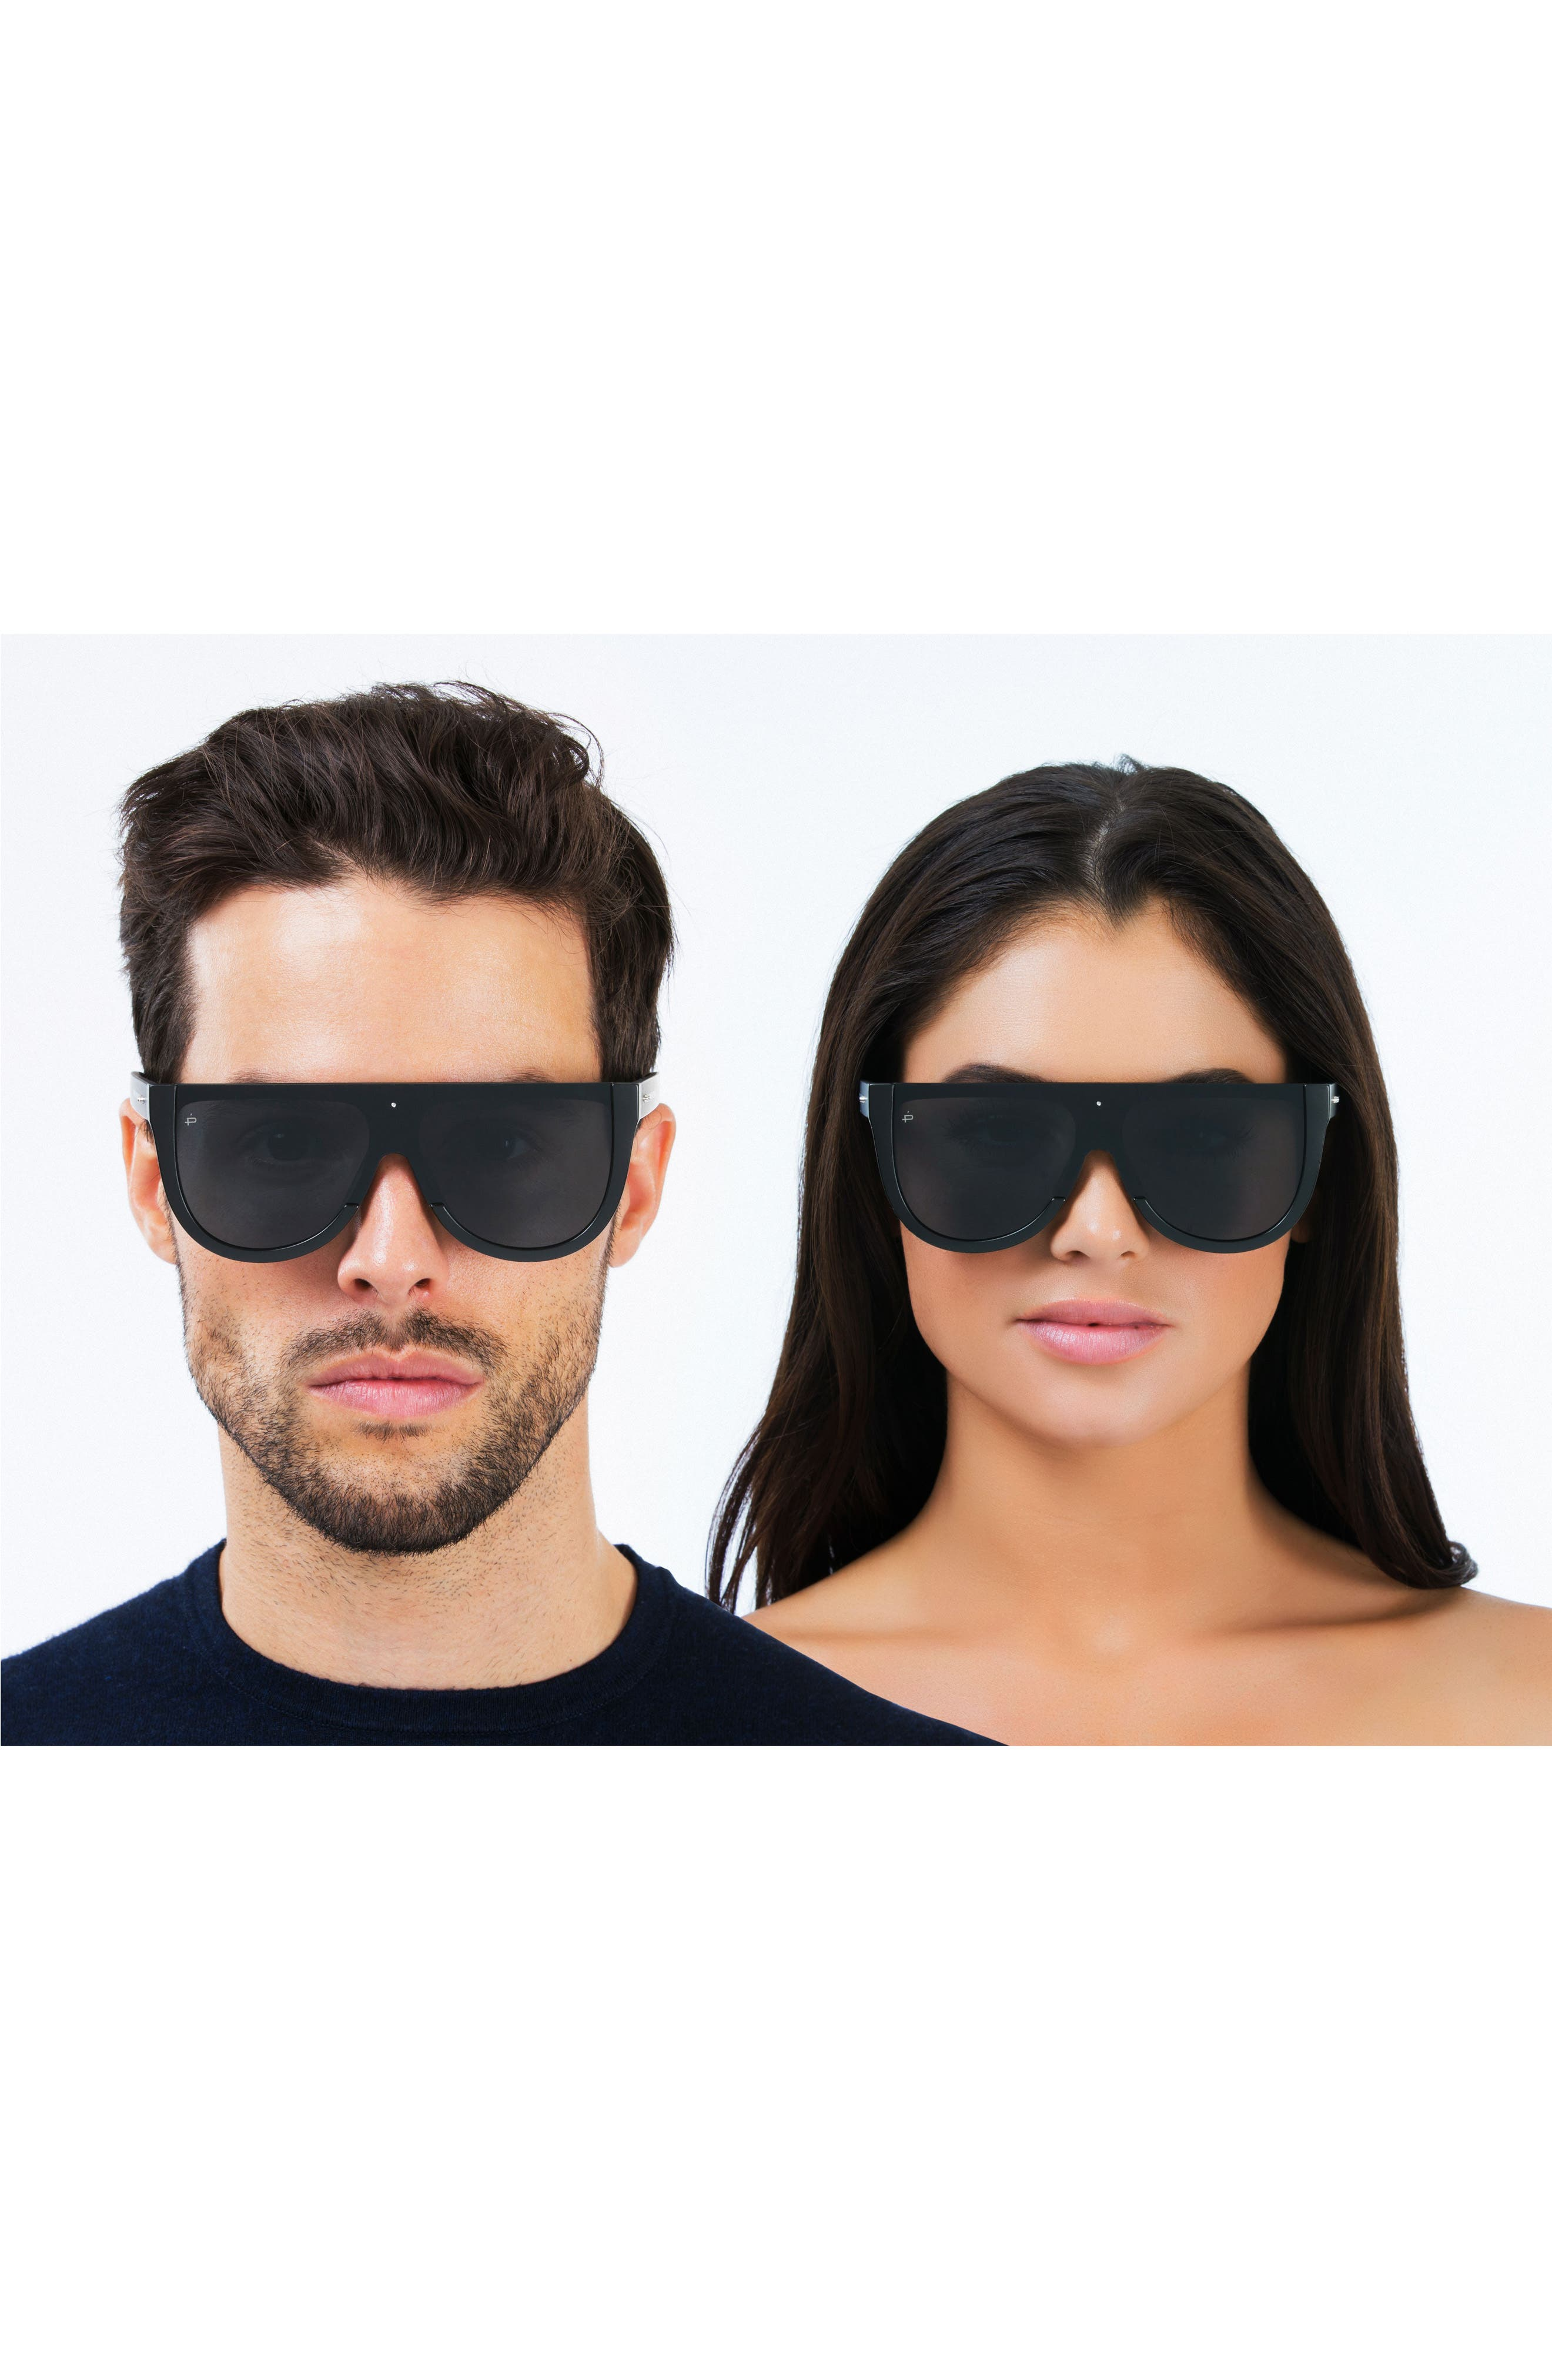 Privé Revaux The Coco 60mm Shield Sunglasses,                             Alternate thumbnail 6, color,                             001